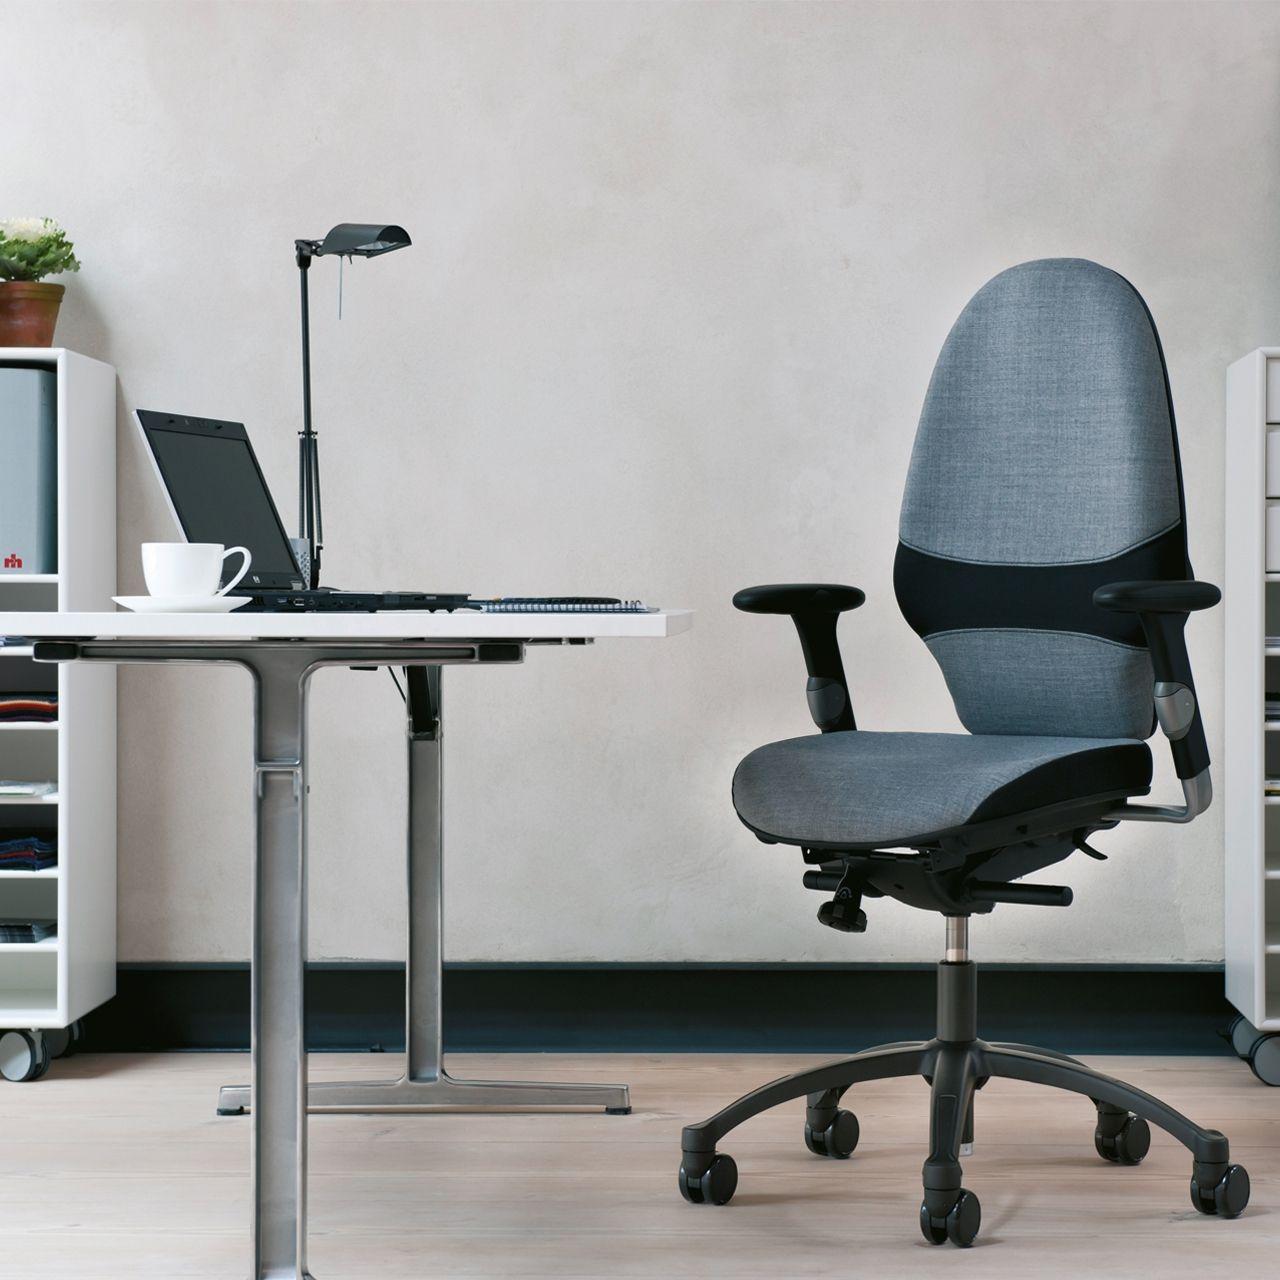 rh exrh extend large 220 bureaustoel STKAEXT203 sfeerfoto